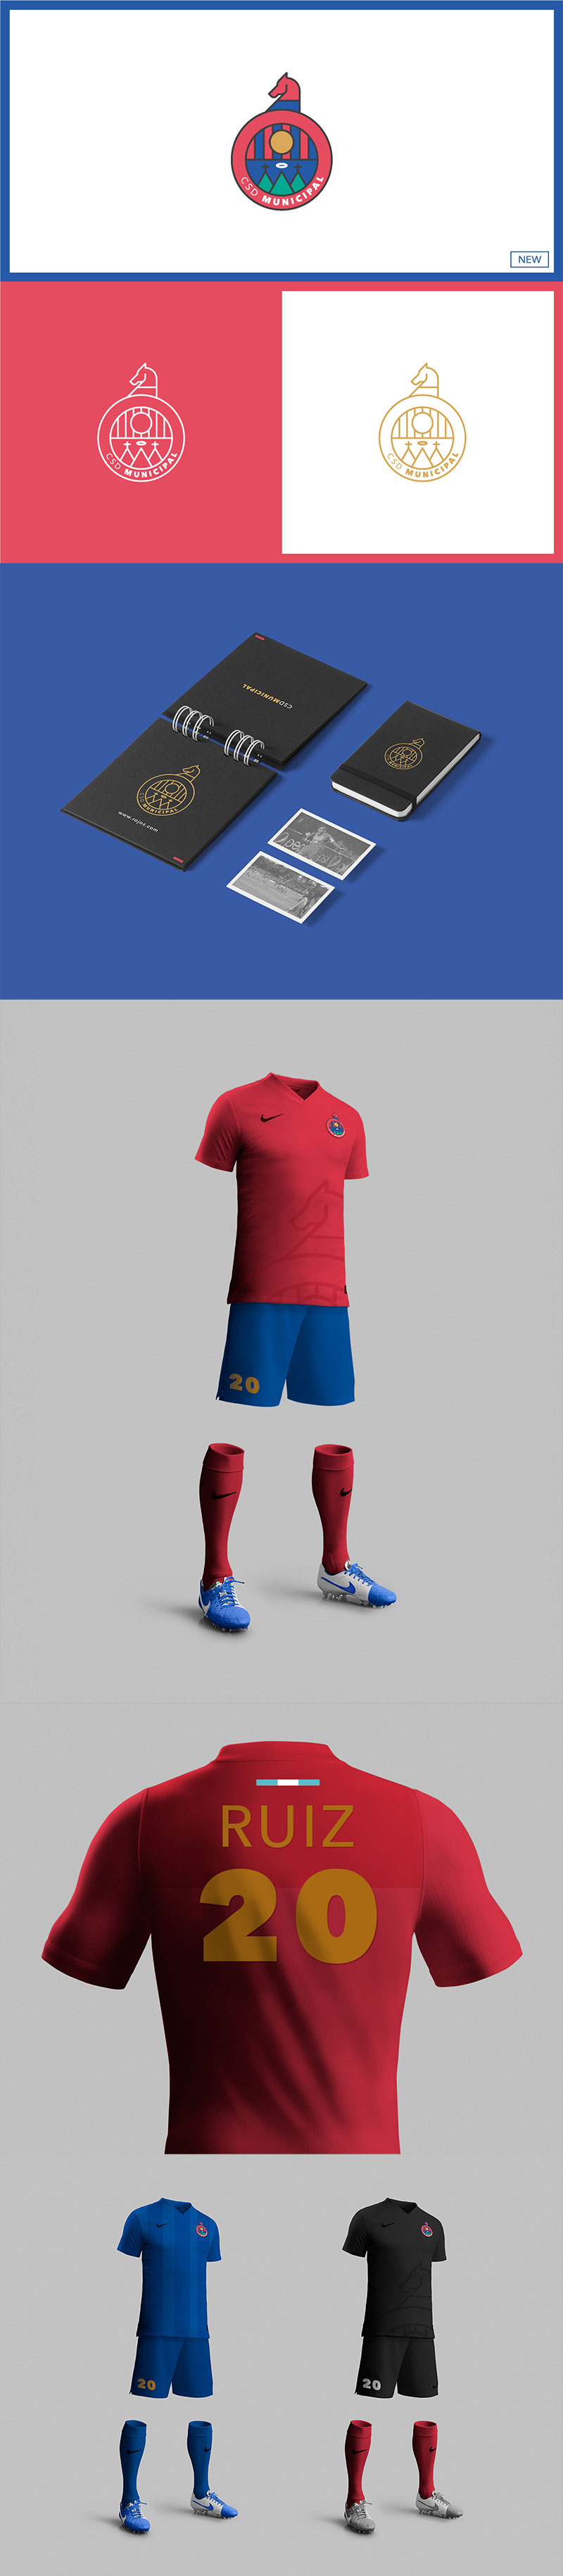 Diseños de la marca del club de fútbol: CSD Municipal - Rebranding por Ale Márquez